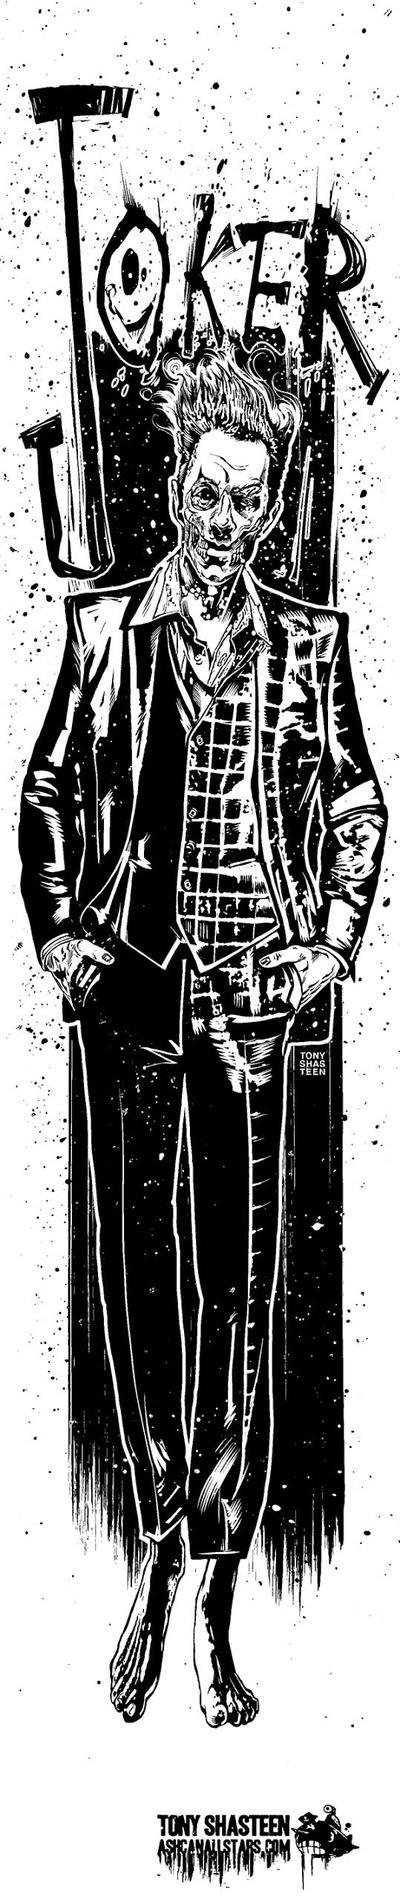 The Joker by Tony Shasteen